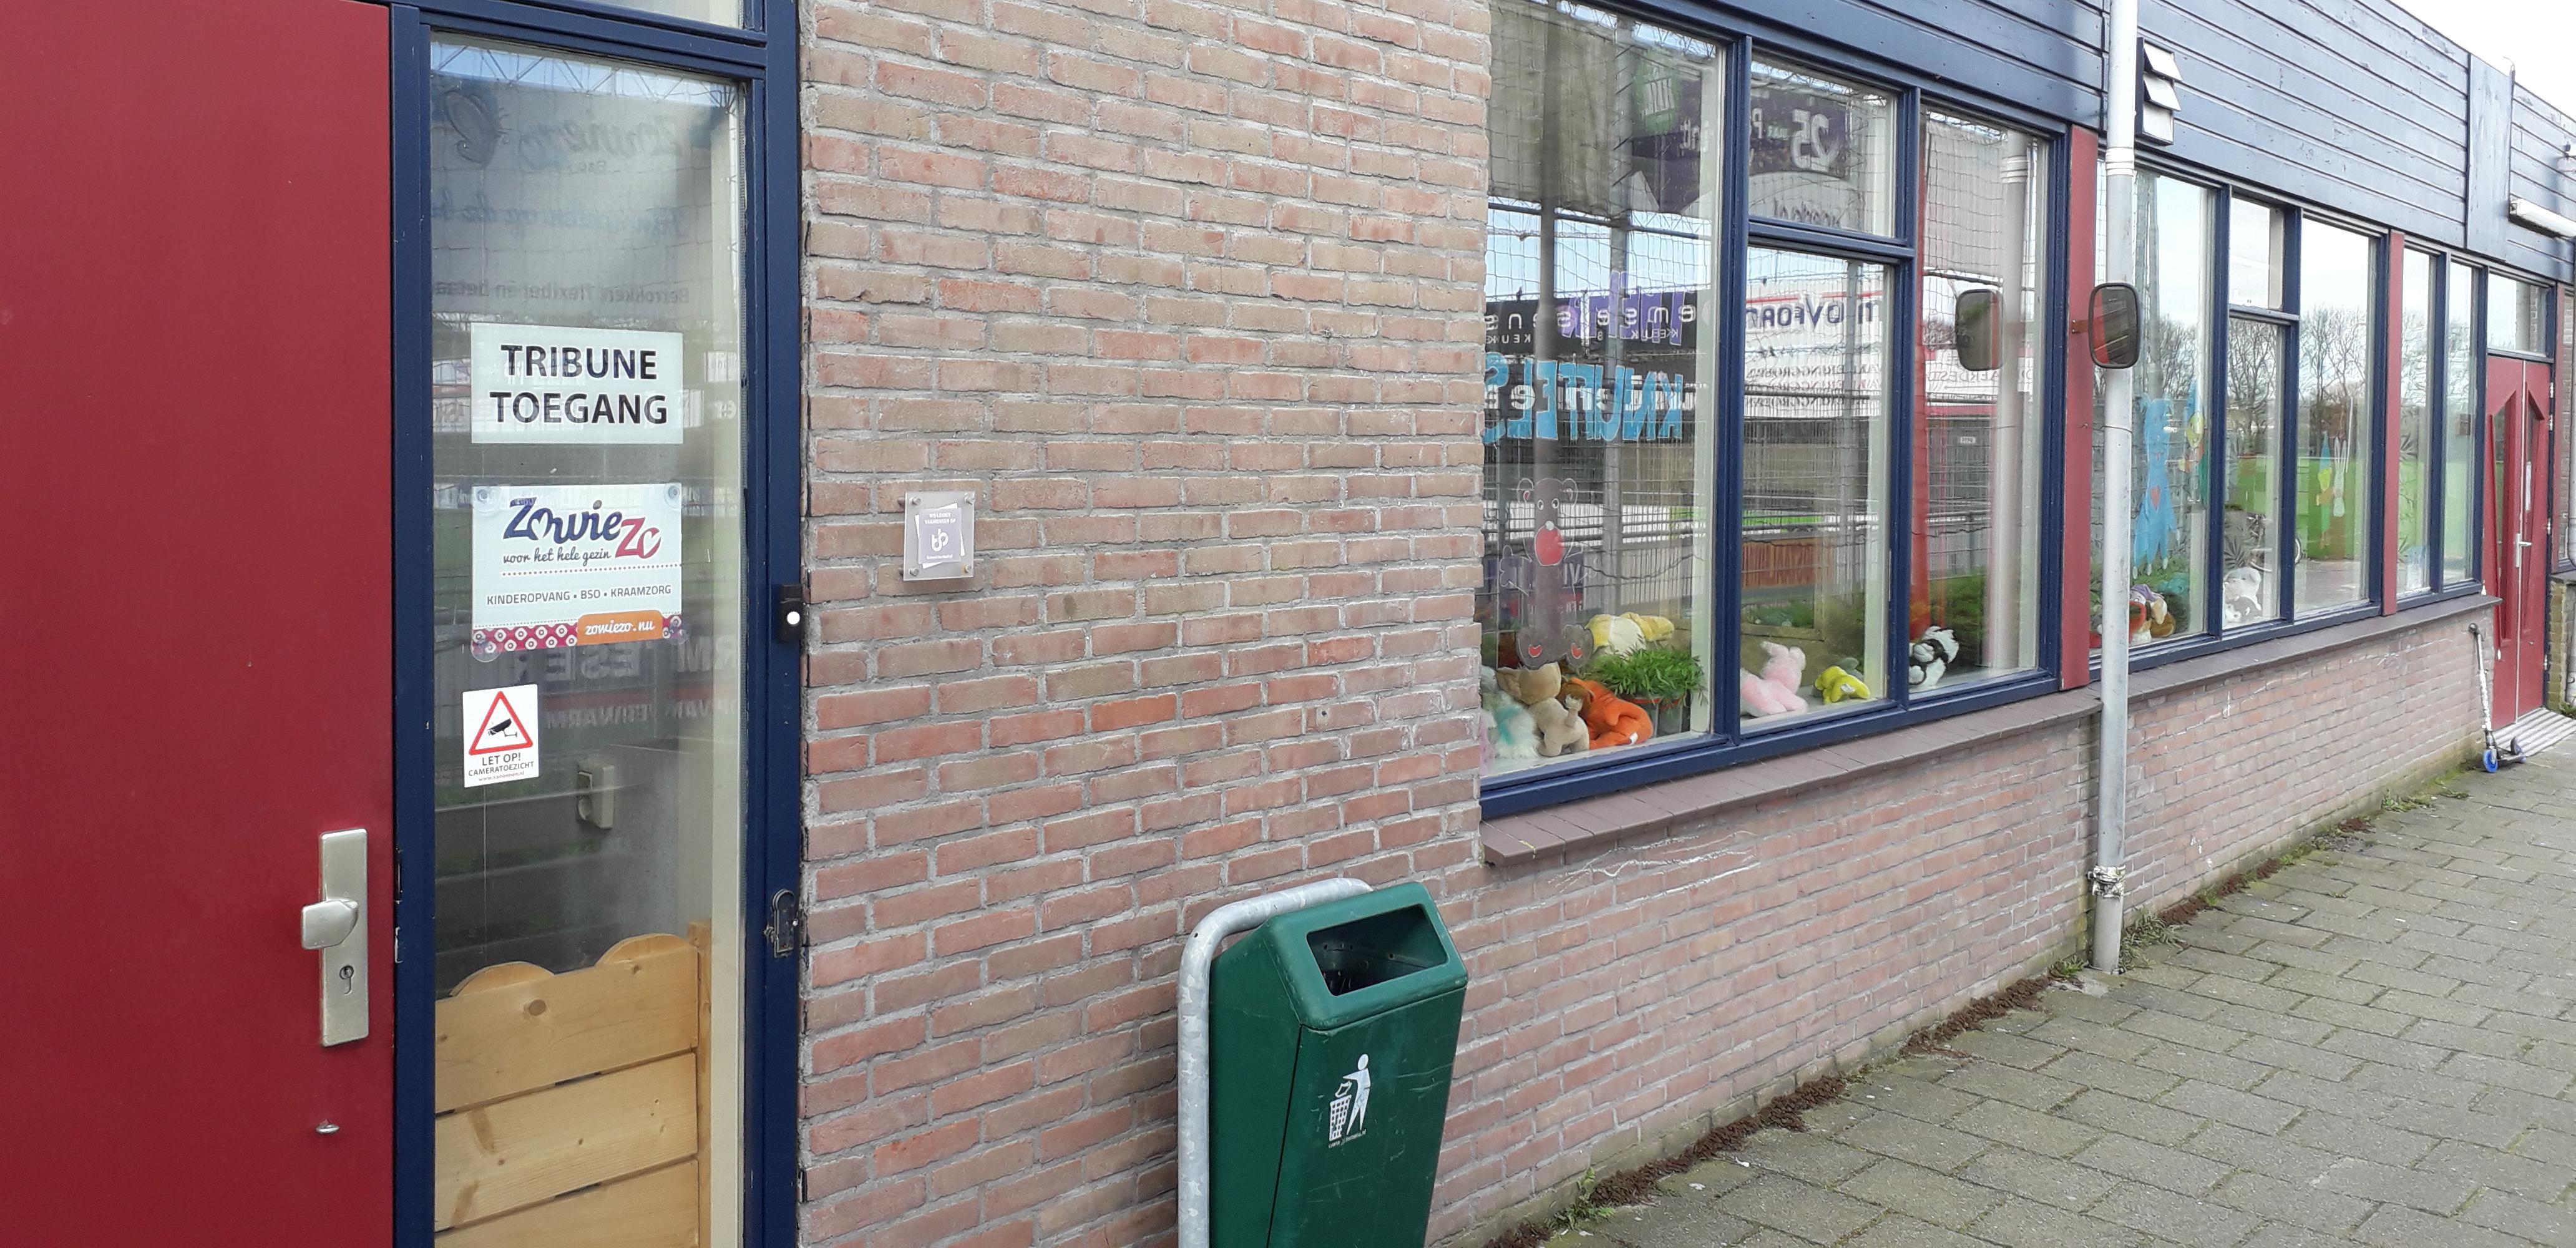 Kinderopvang Zowiezo in onder meer Hoorn begroet 13 in plaats van 175 kinderen